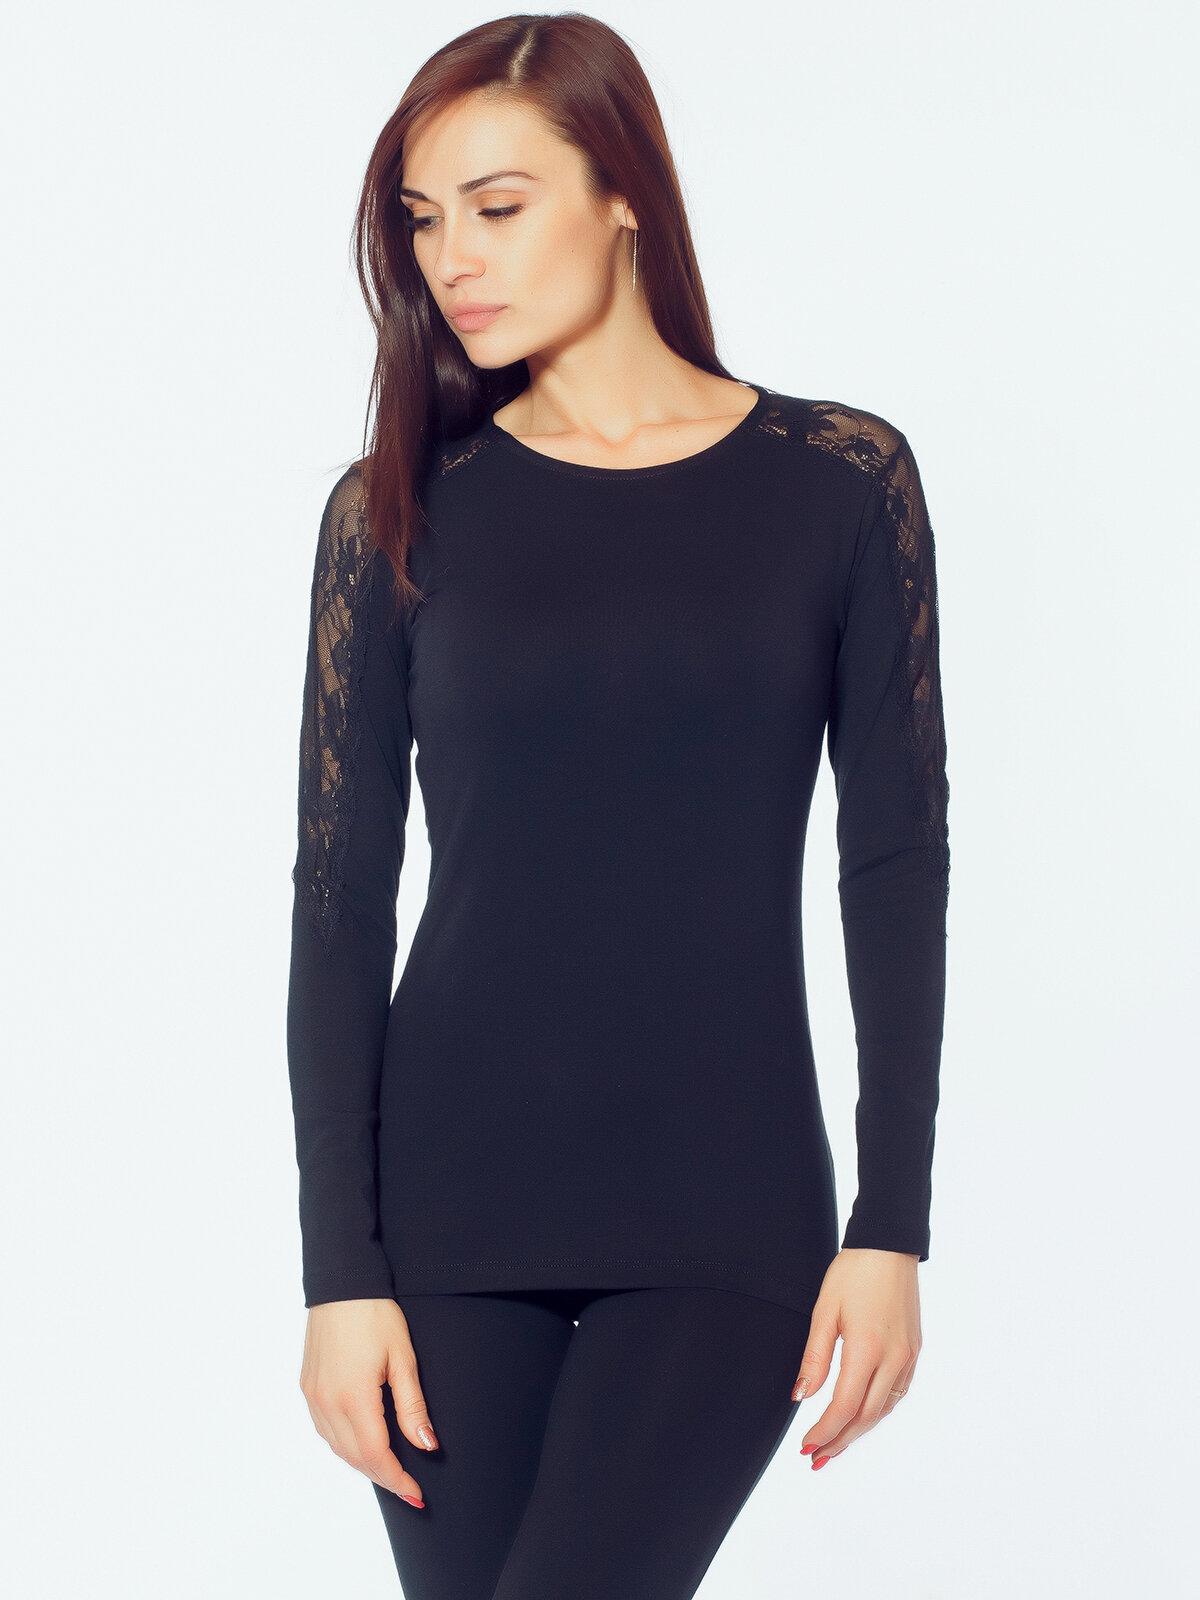 Блузка женская JADEA 4069 maglia m/l